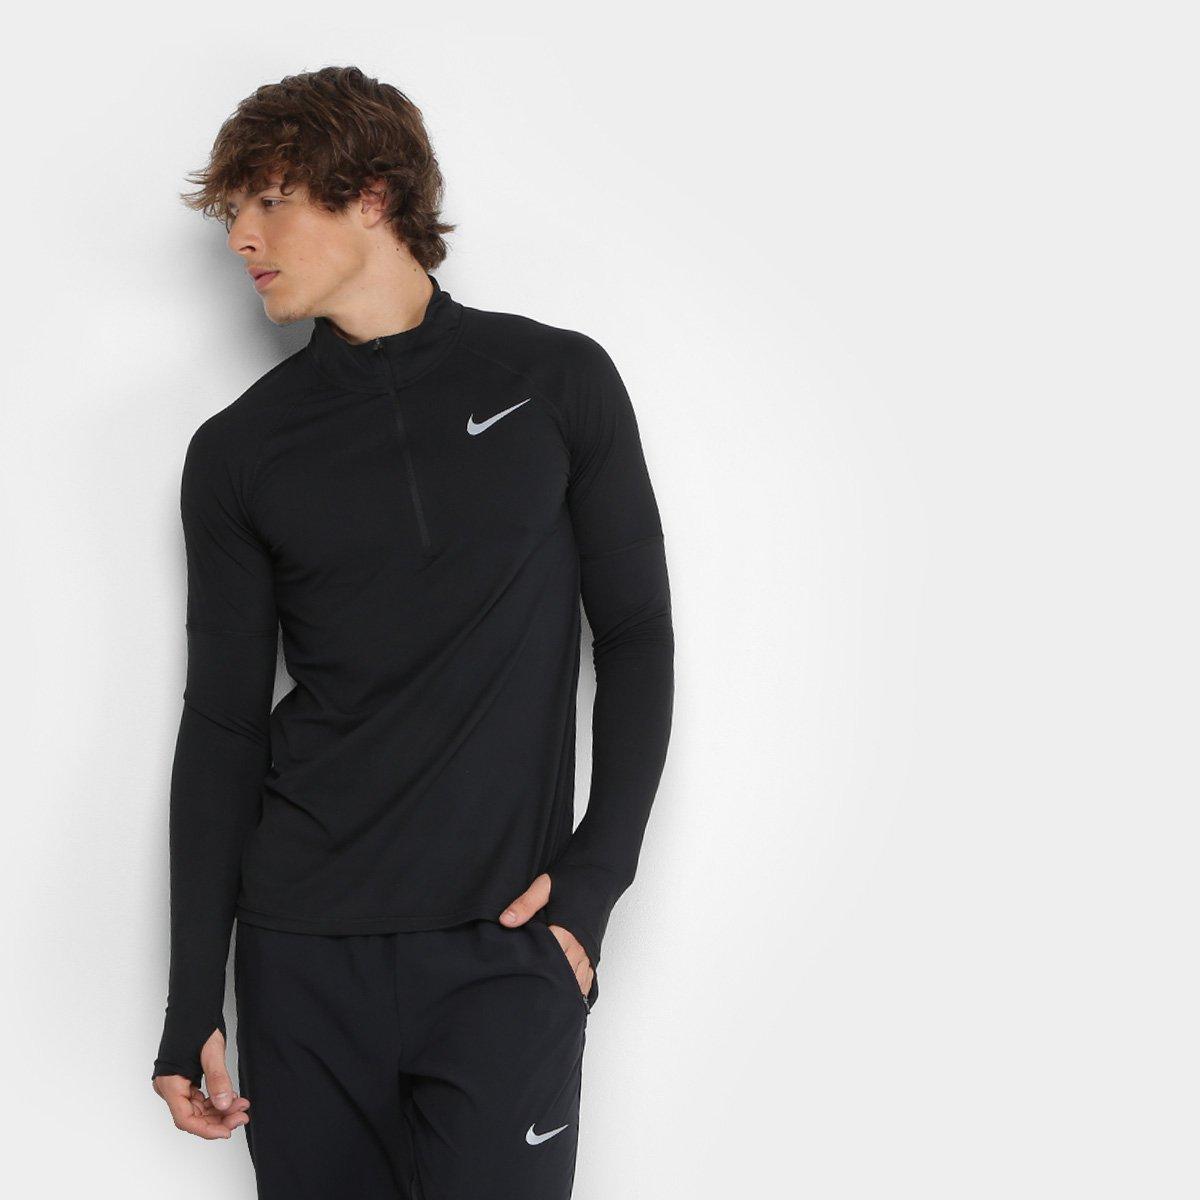 8a33c7039 Camiseta Nike Element Hz 2.0 Manga Longa Masculina